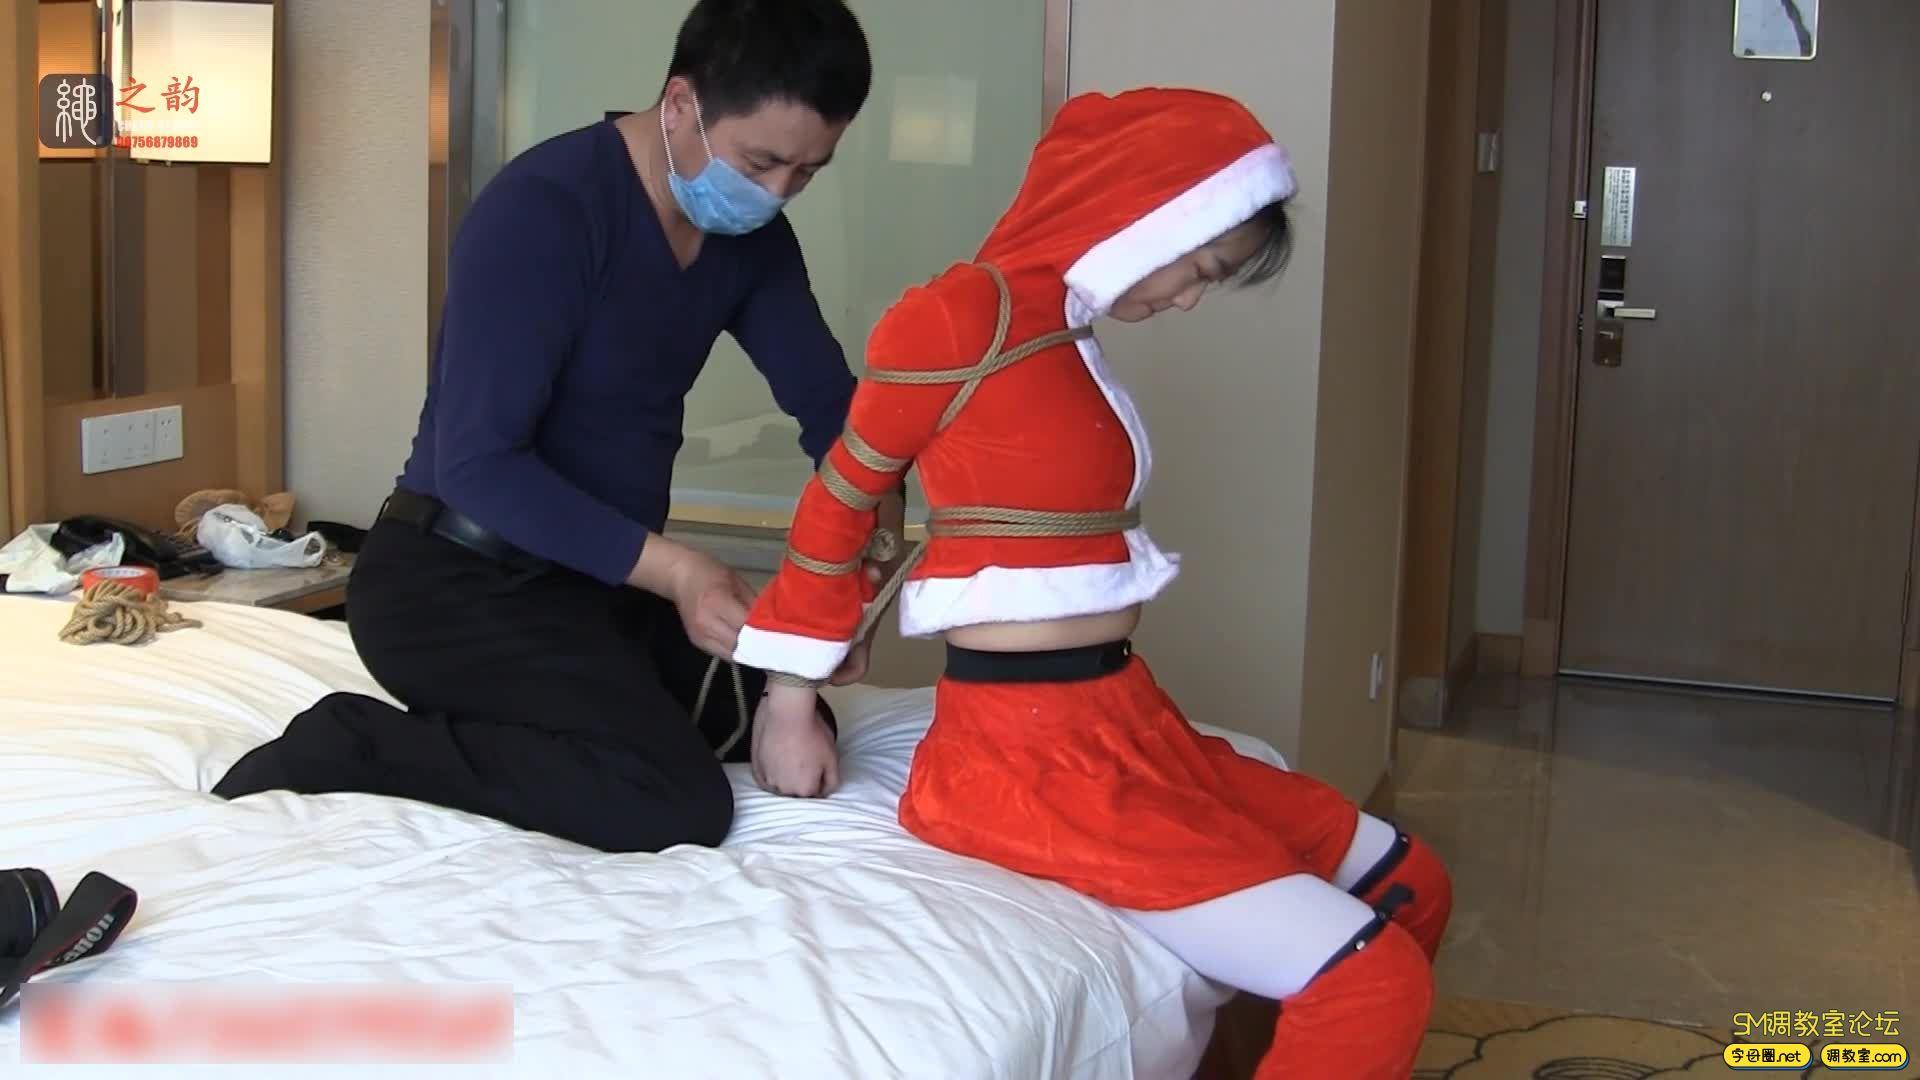 绳之韵 小鹿 打好包的圣诞礼物-1.jpg-SM调教所论坛[国产绳艺在线播放专区]